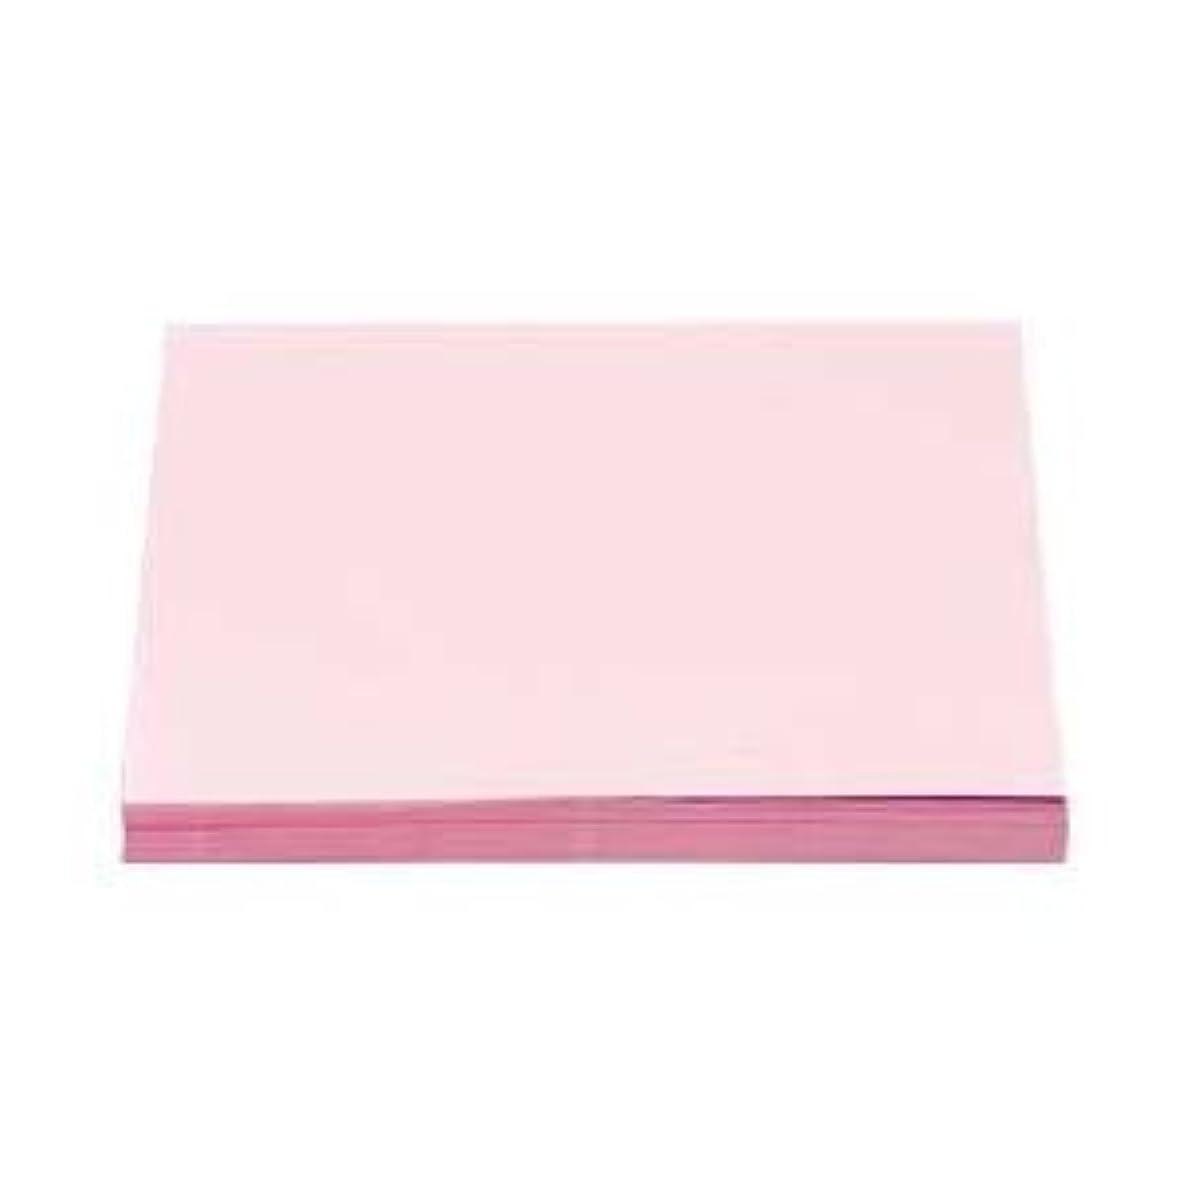 穀物高層ビルコンデンサー(まとめ) NEWファインカラー ピンク A4 1冊(500枚) 【×5セット】 ds-1642405